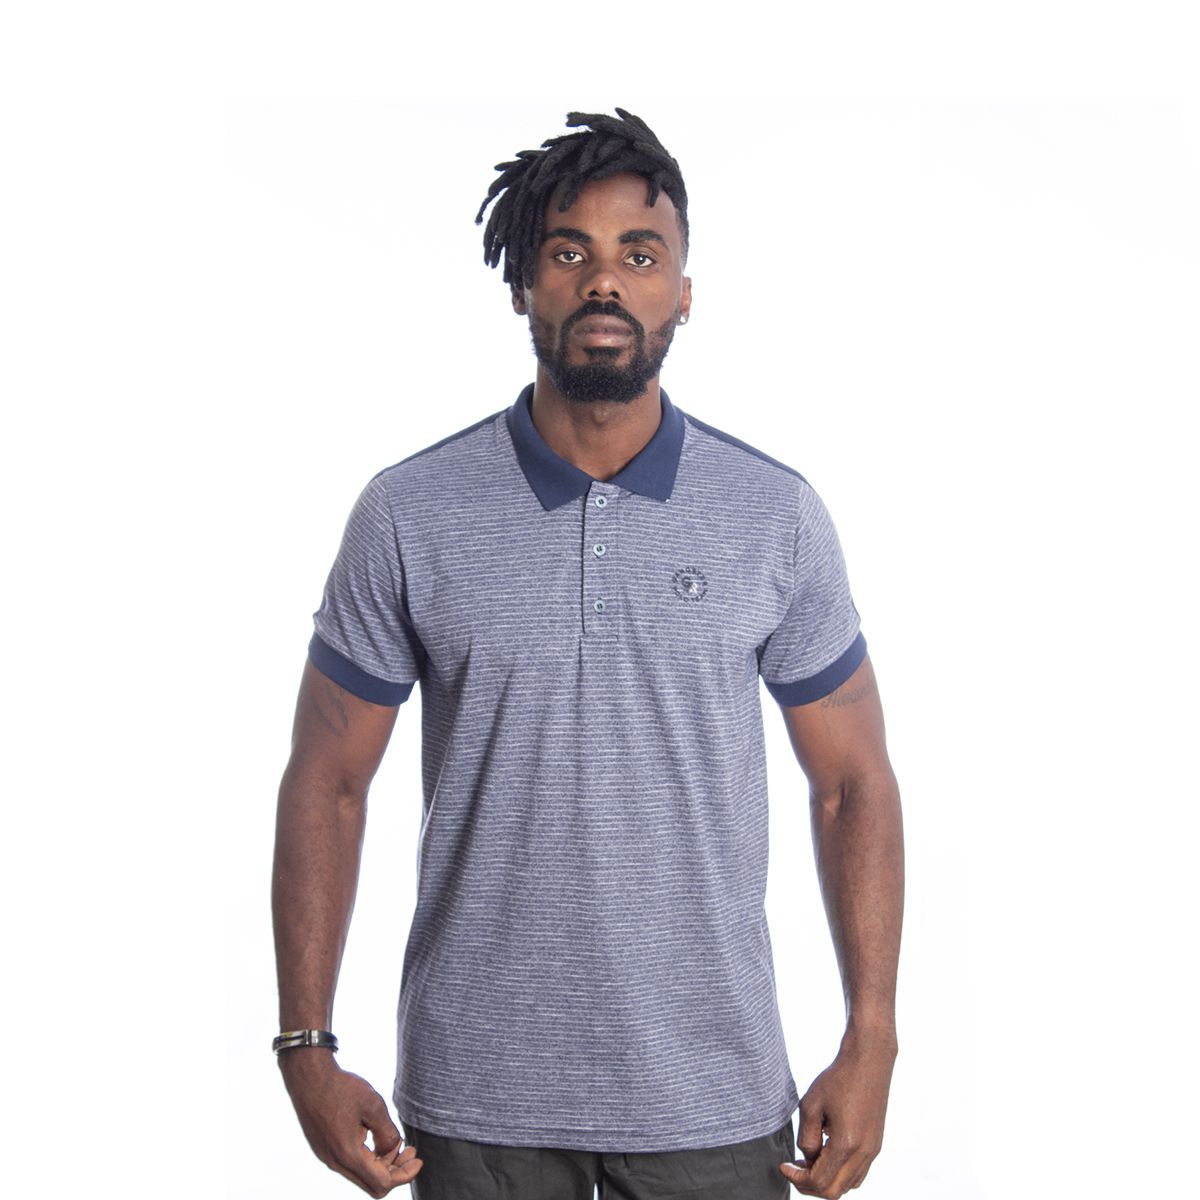 Camiseta Polo Masculina Algodão Gangster Clássica 29.08.0345